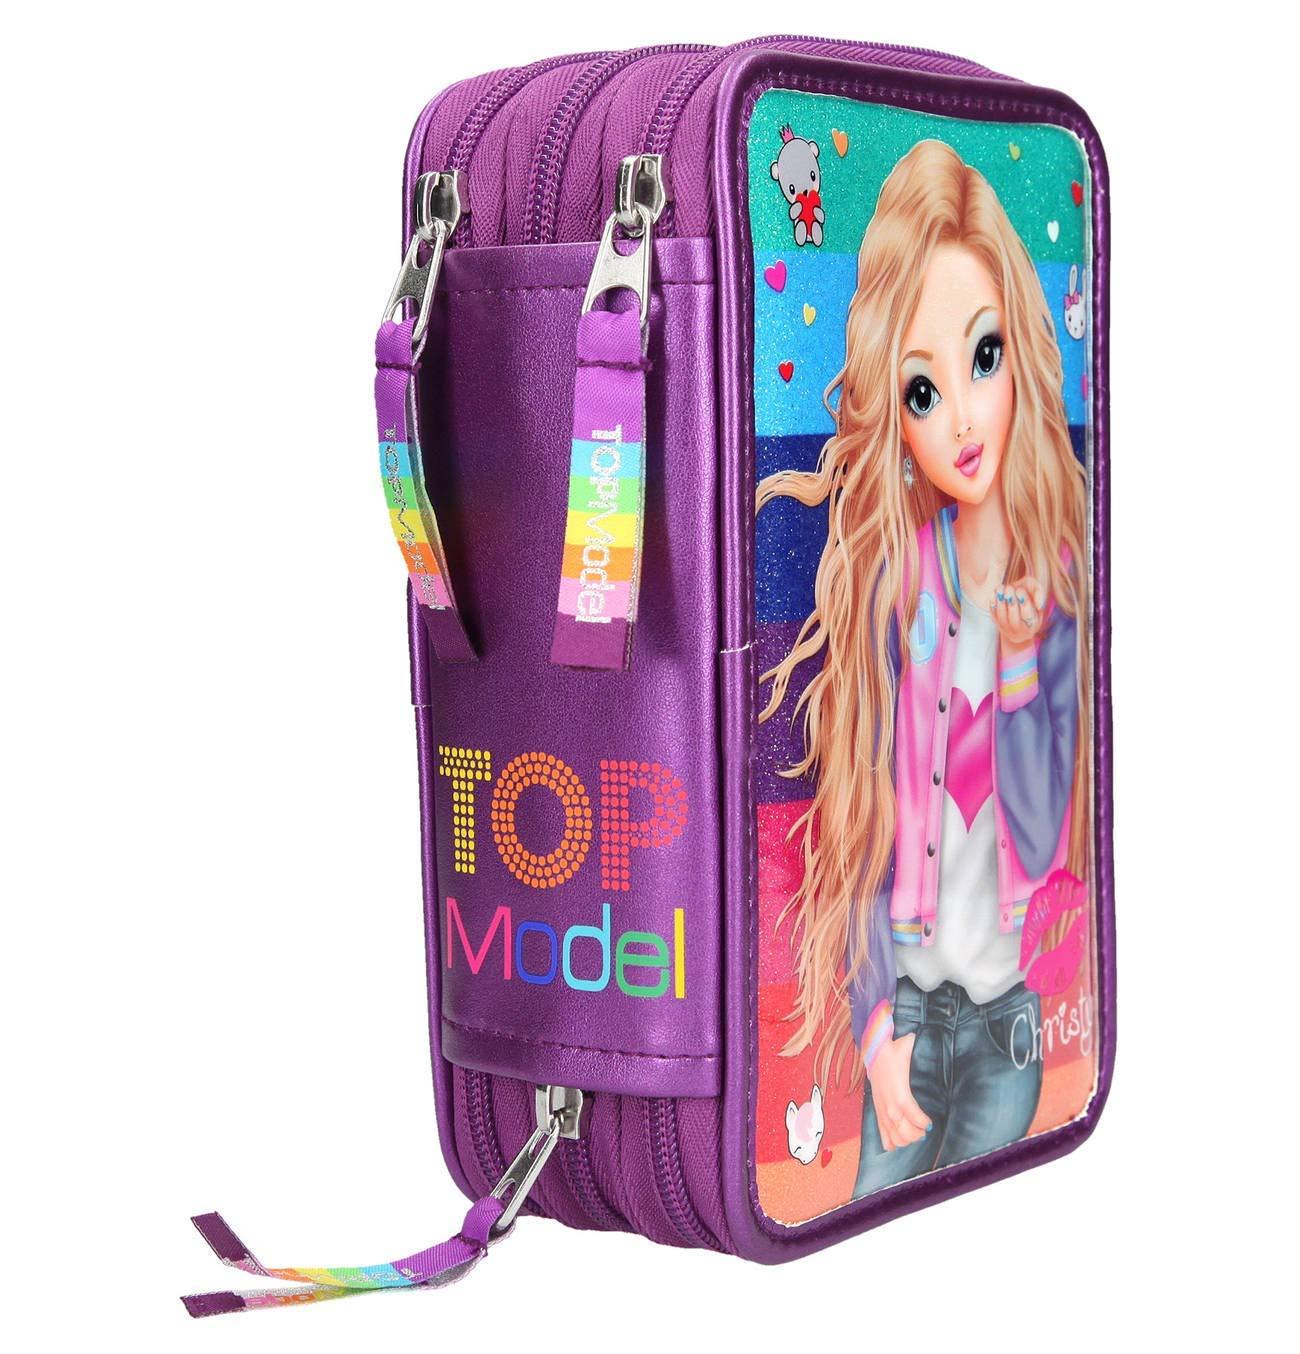 TopModel 3 de estuche con compartimentos Pop Star Guitarra Rosa con Candy: Amazon.es: Oficina y papelería